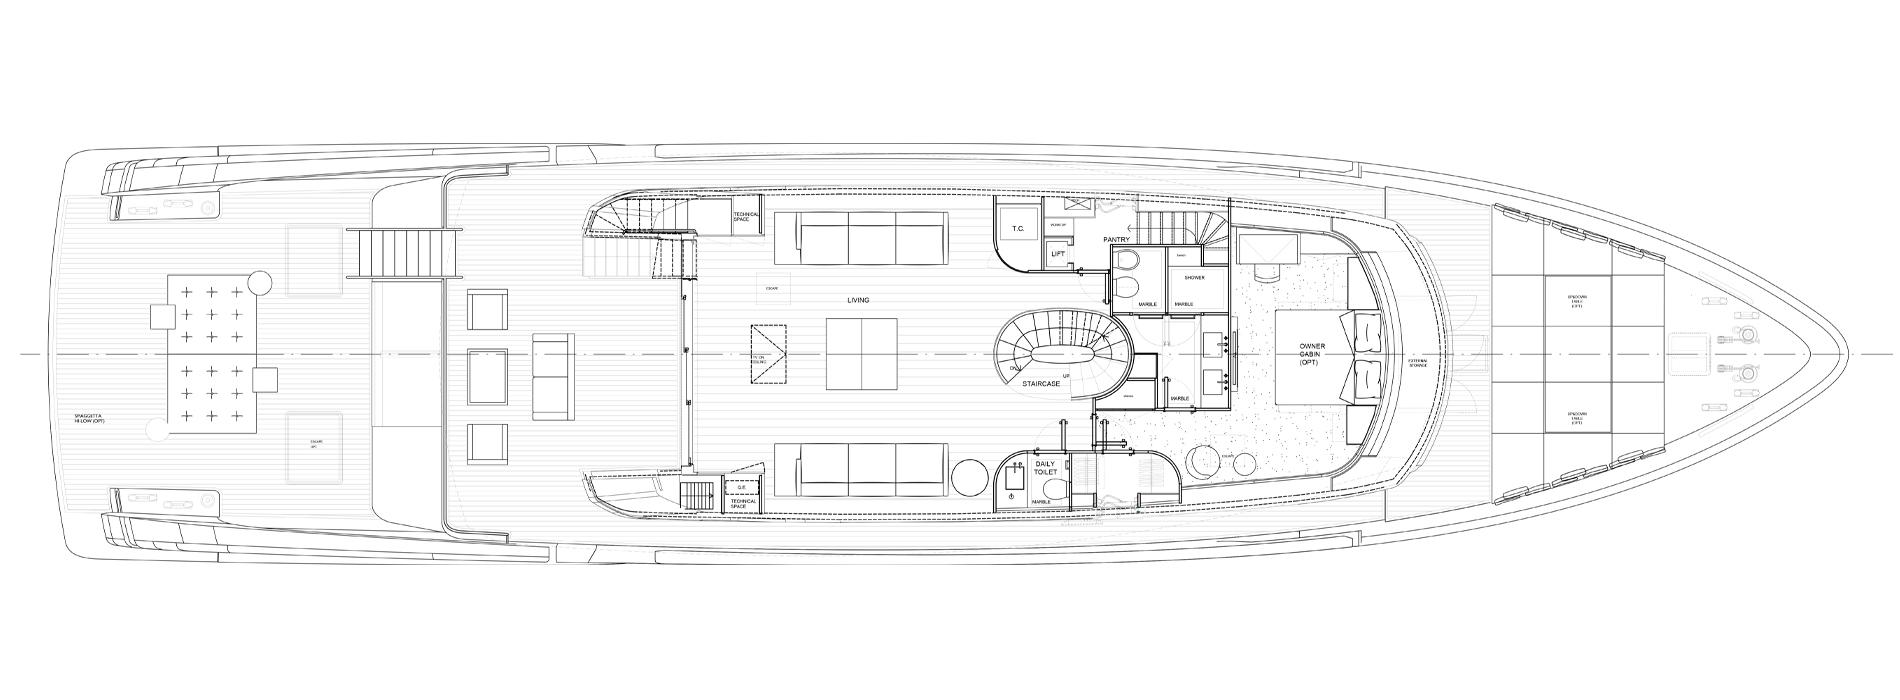 Sanlorenzo Yachts SX112 Hauptdeck Ausführung C